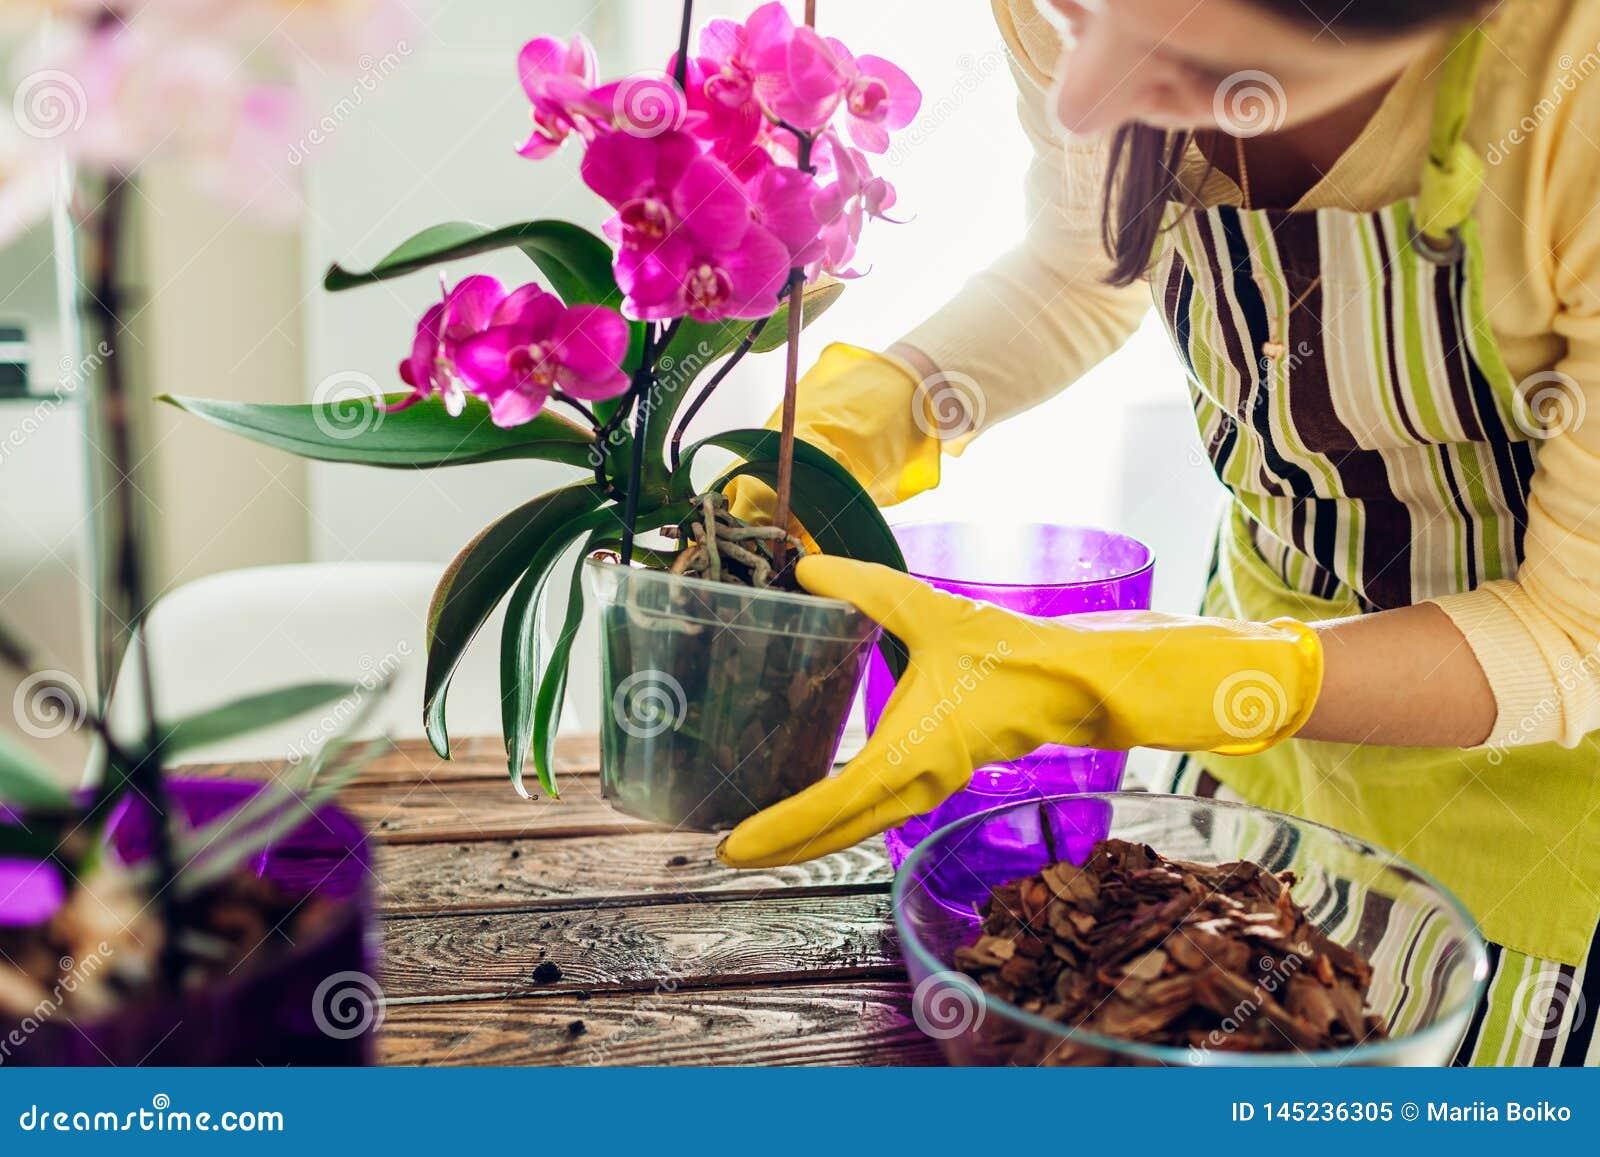 Орхидея женщины трансплантируя в другой бак на кухне Домохозяйка позаботить о домашние заводы и цветки